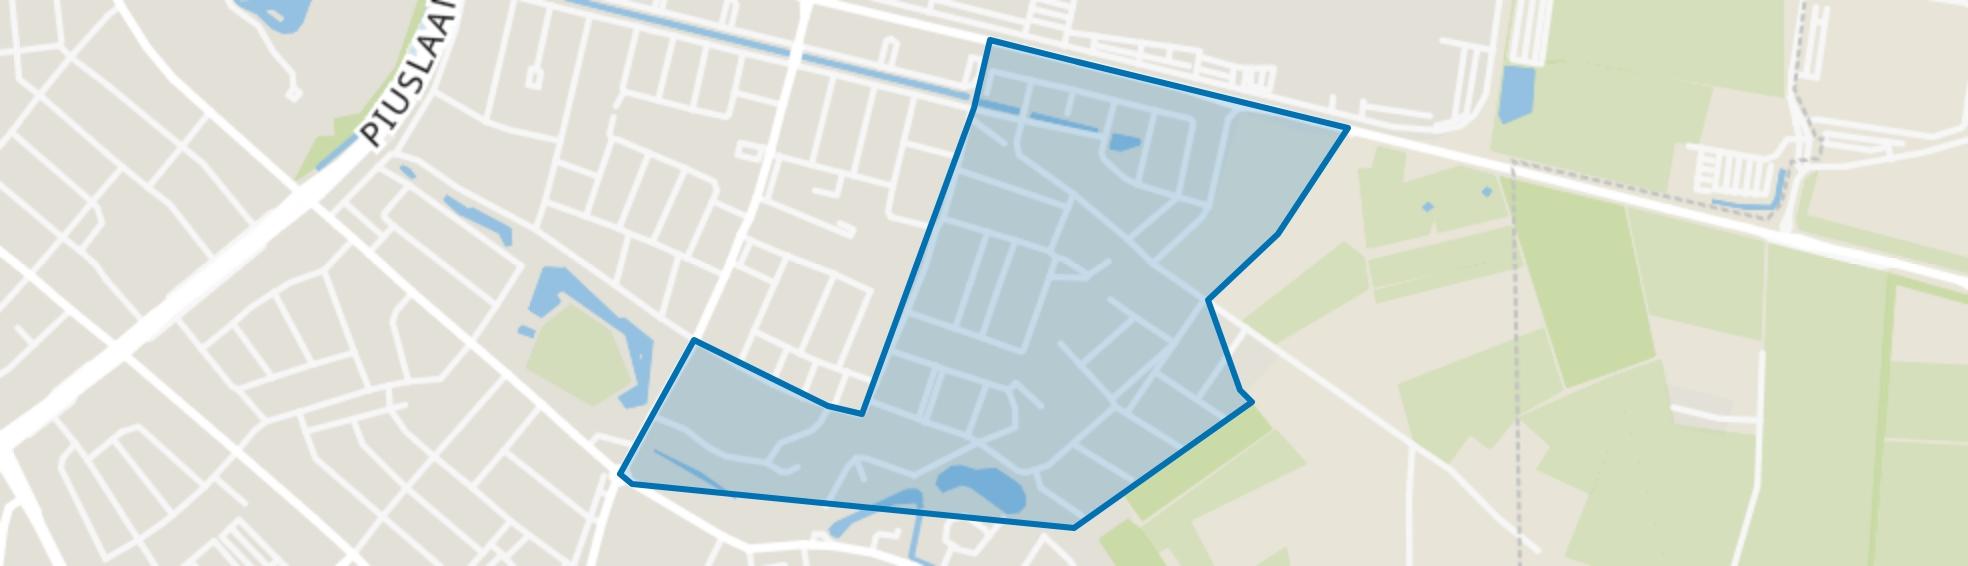 Puttense Dreef, Eindhoven map